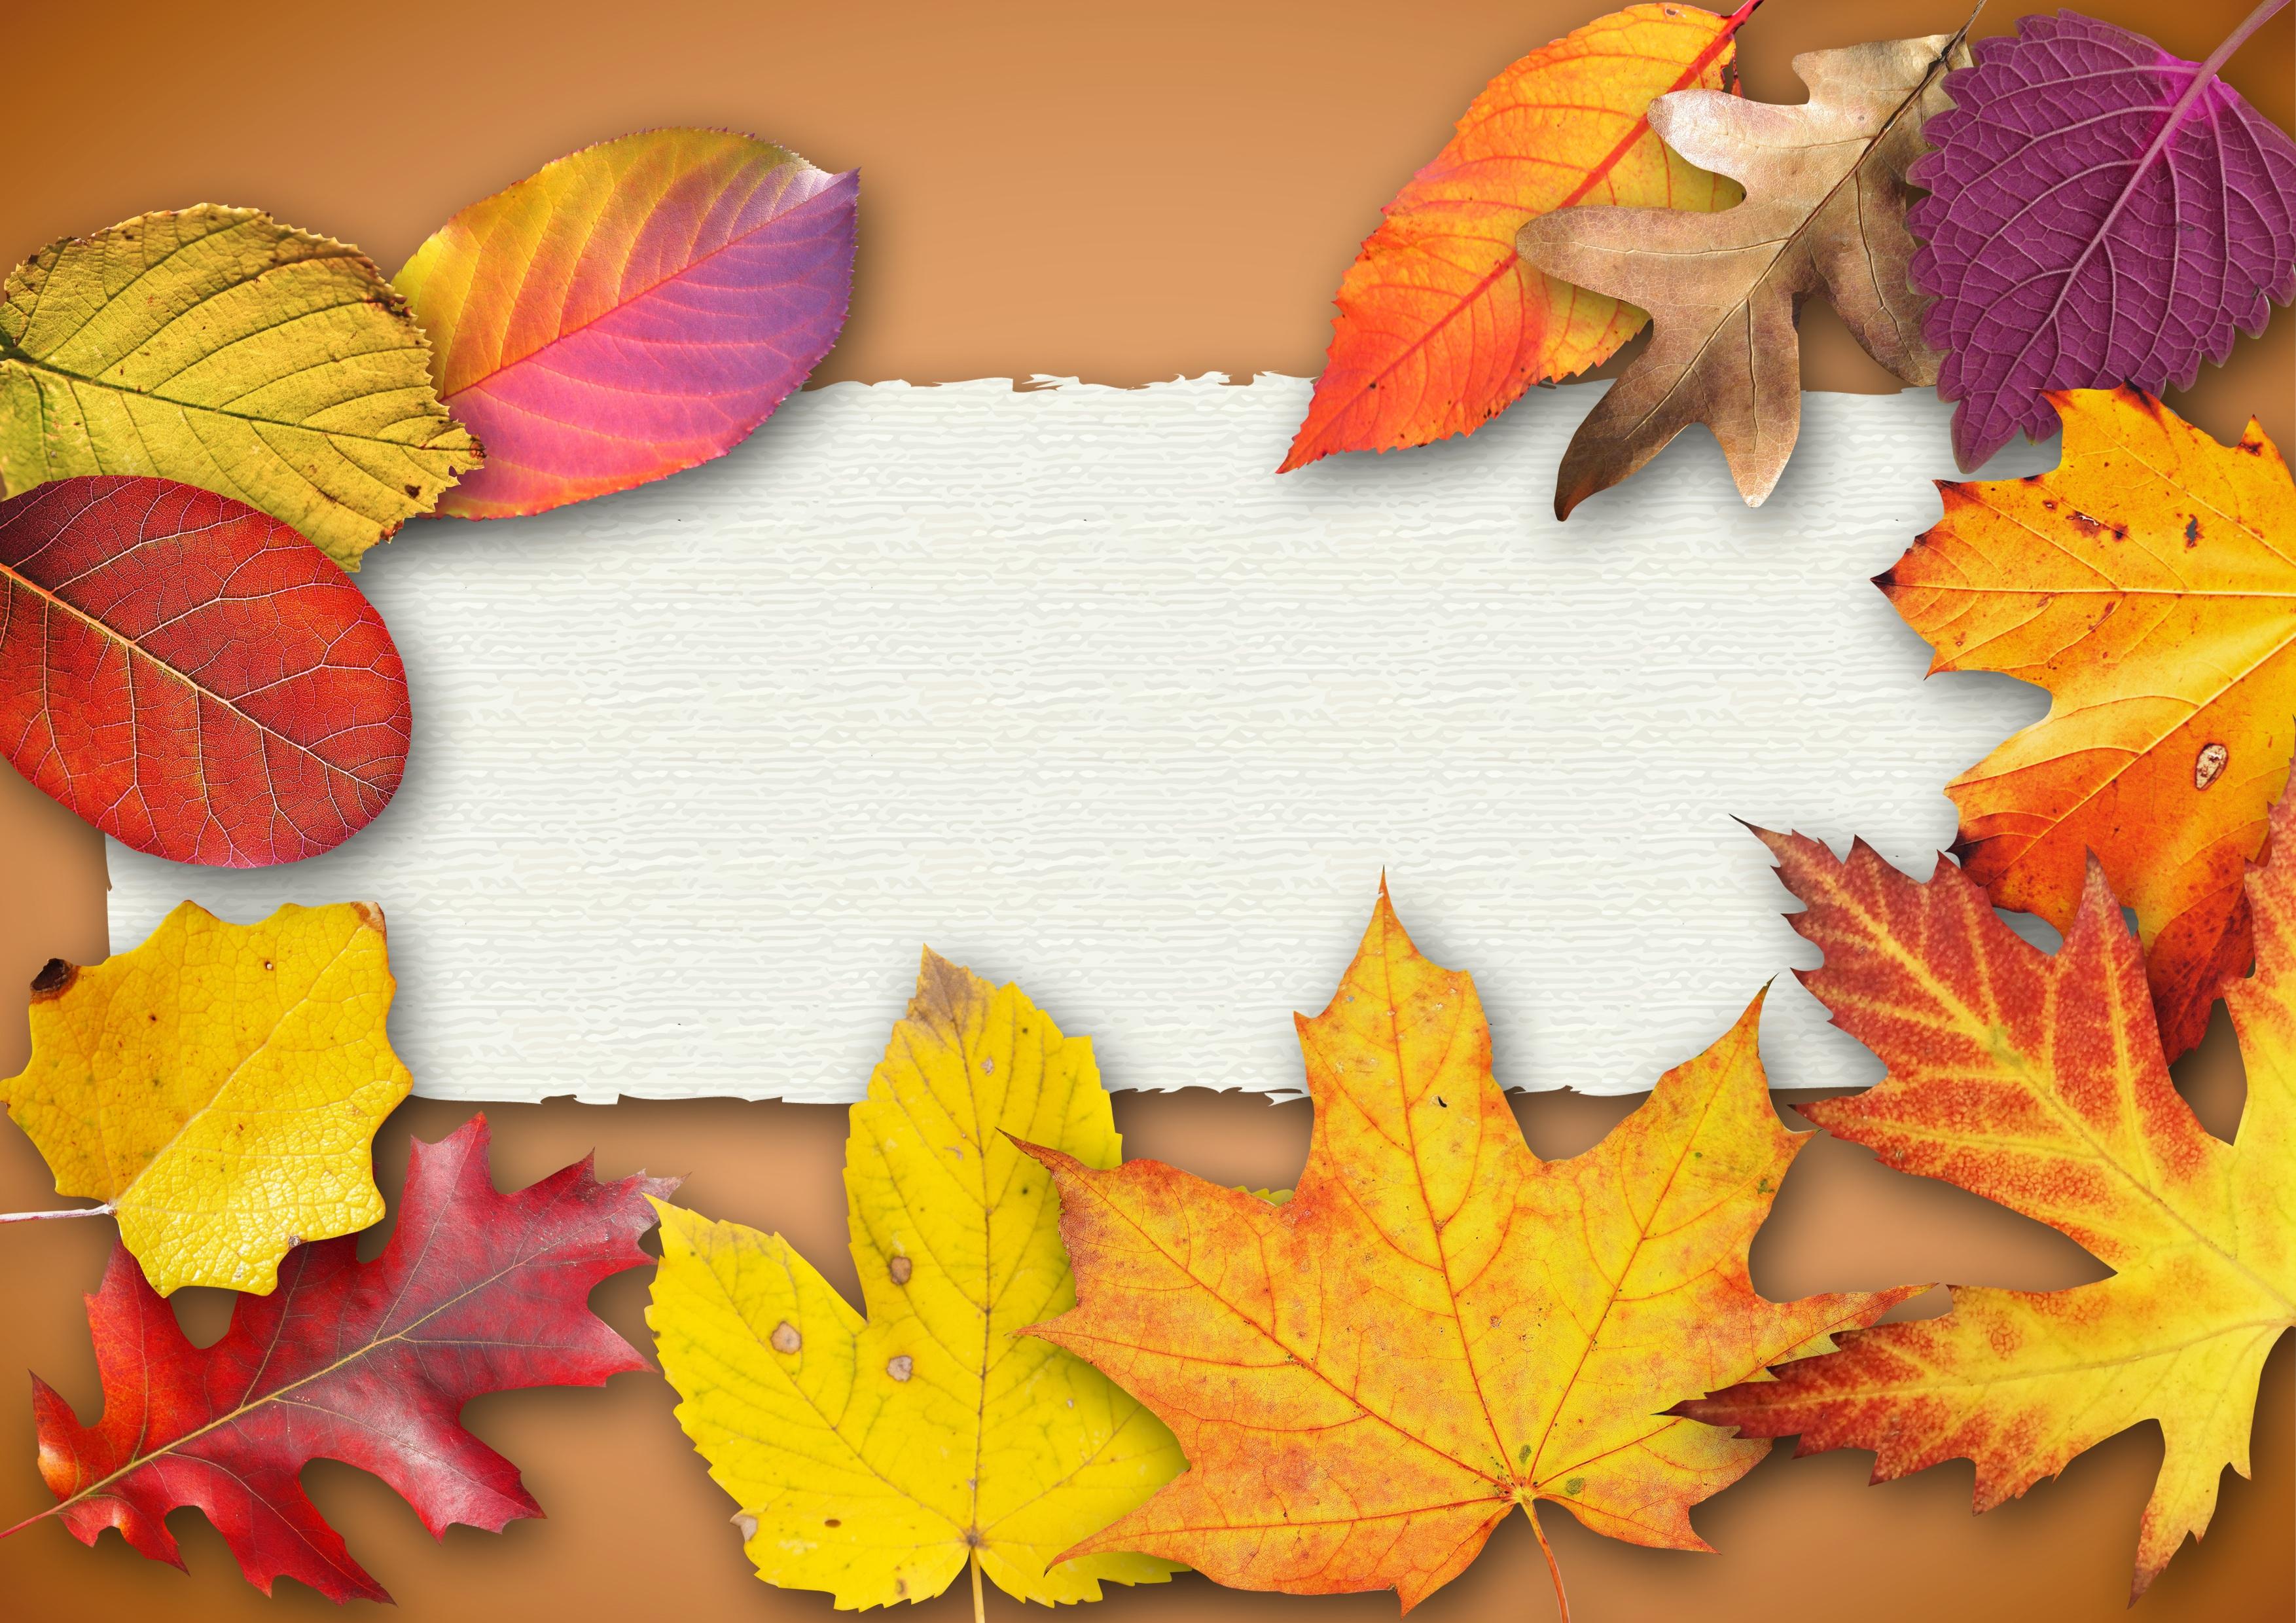 b3567306af5 Gratis billeder : træ, plante, blomst, kronblad, fest, farve, banner,  farverig, gul, sæson, kort, ahorn blad, glad, blade, festival, baggrund,  plakat, ...